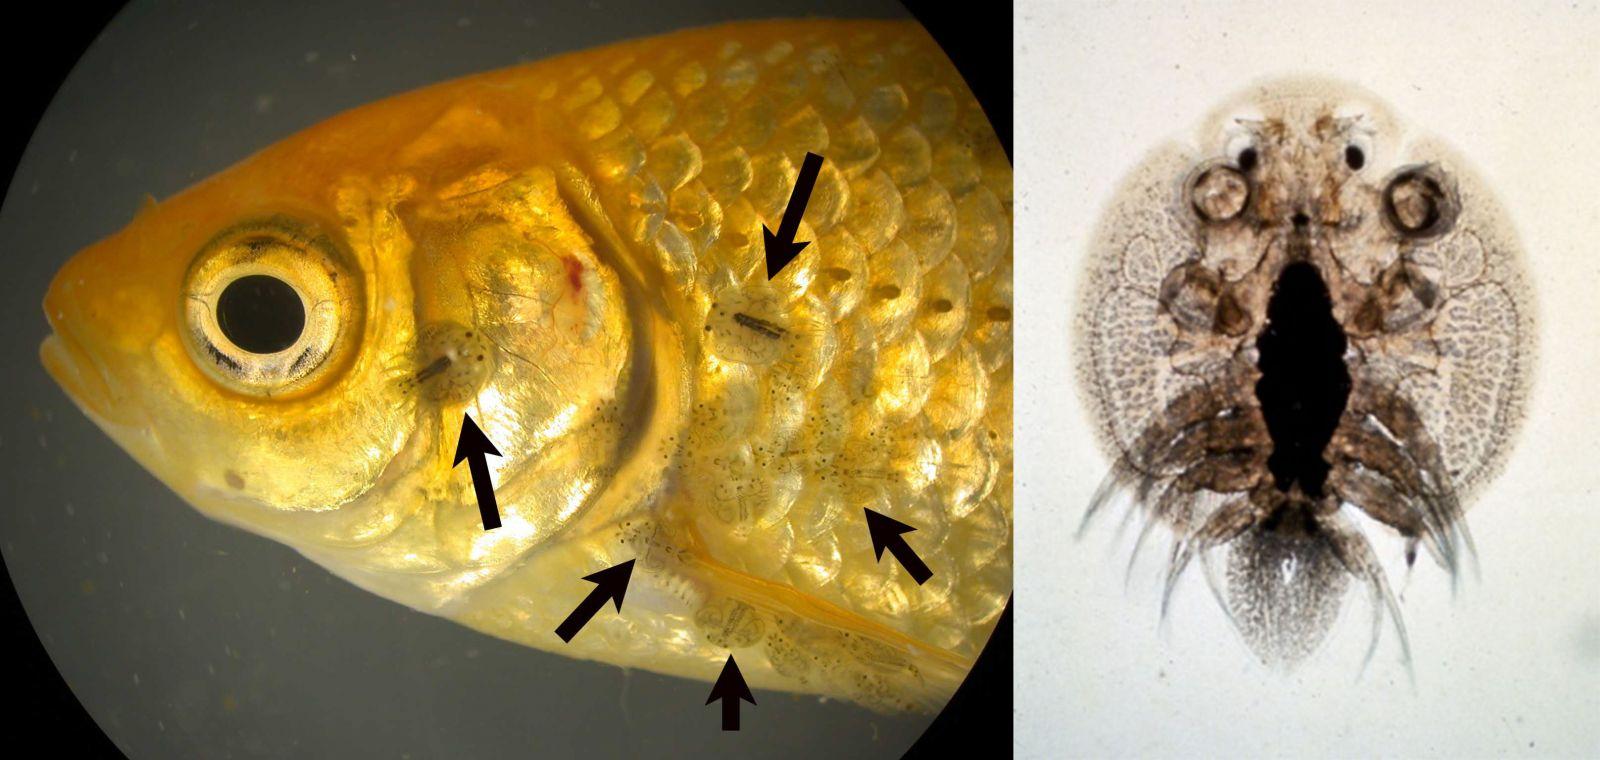 trị rận cá, trị ký sinh trùng trên cá, thảo dược thủy sản, thảo dược trị ký sinh trùng